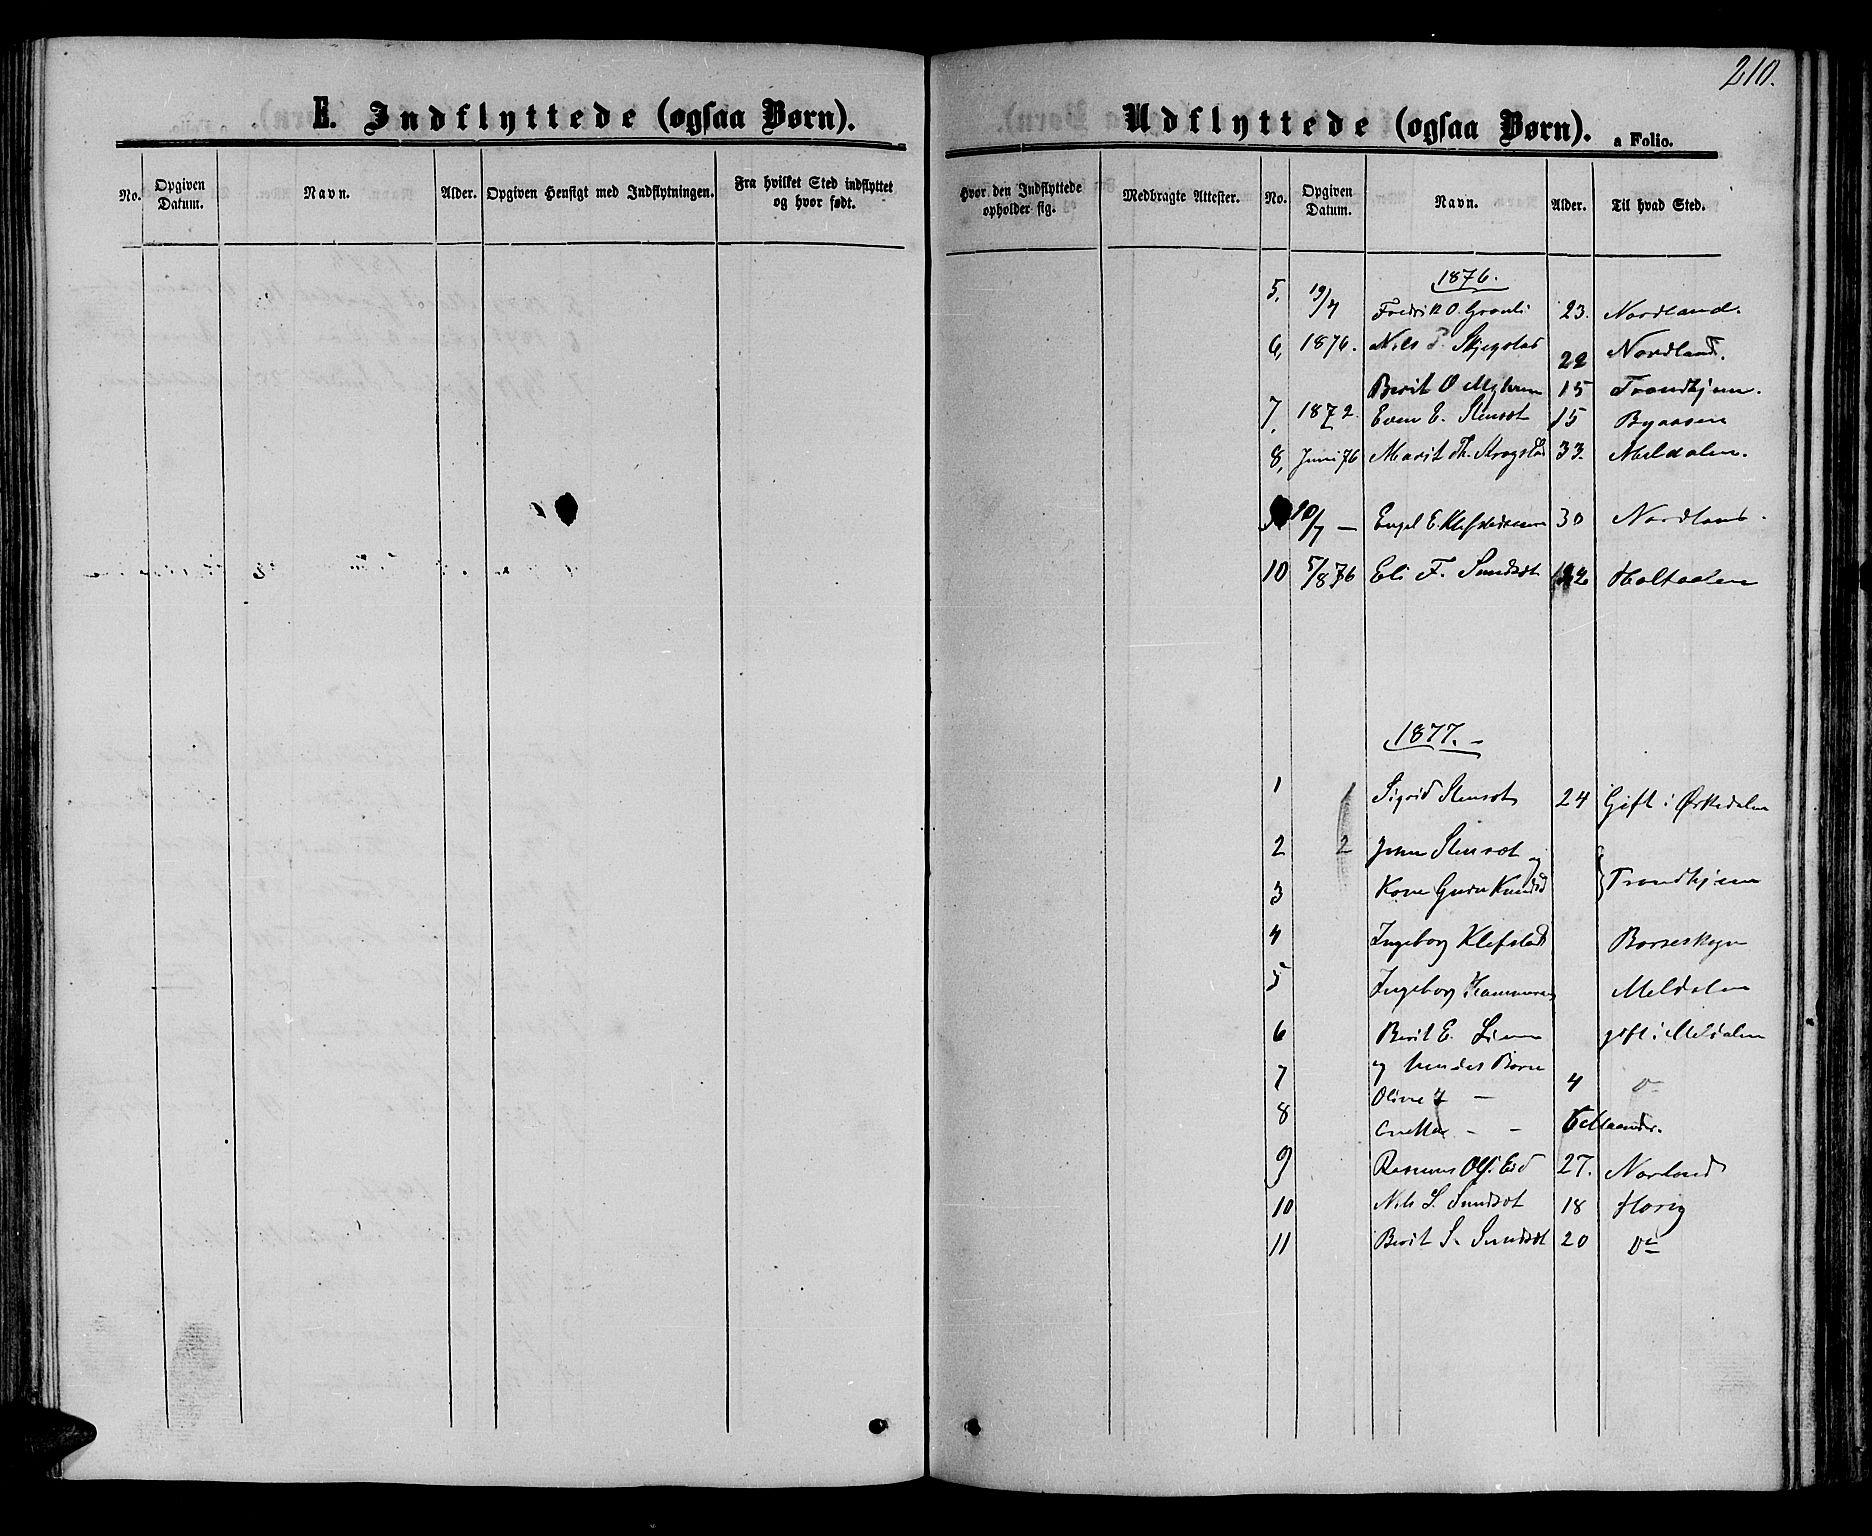 SAT, Ministerialprotokoller, klokkerbøker og fødselsregistre - Sør-Trøndelag, 694/L1131: Klokkerbok nr. 694C03, 1858-1886, s. 210